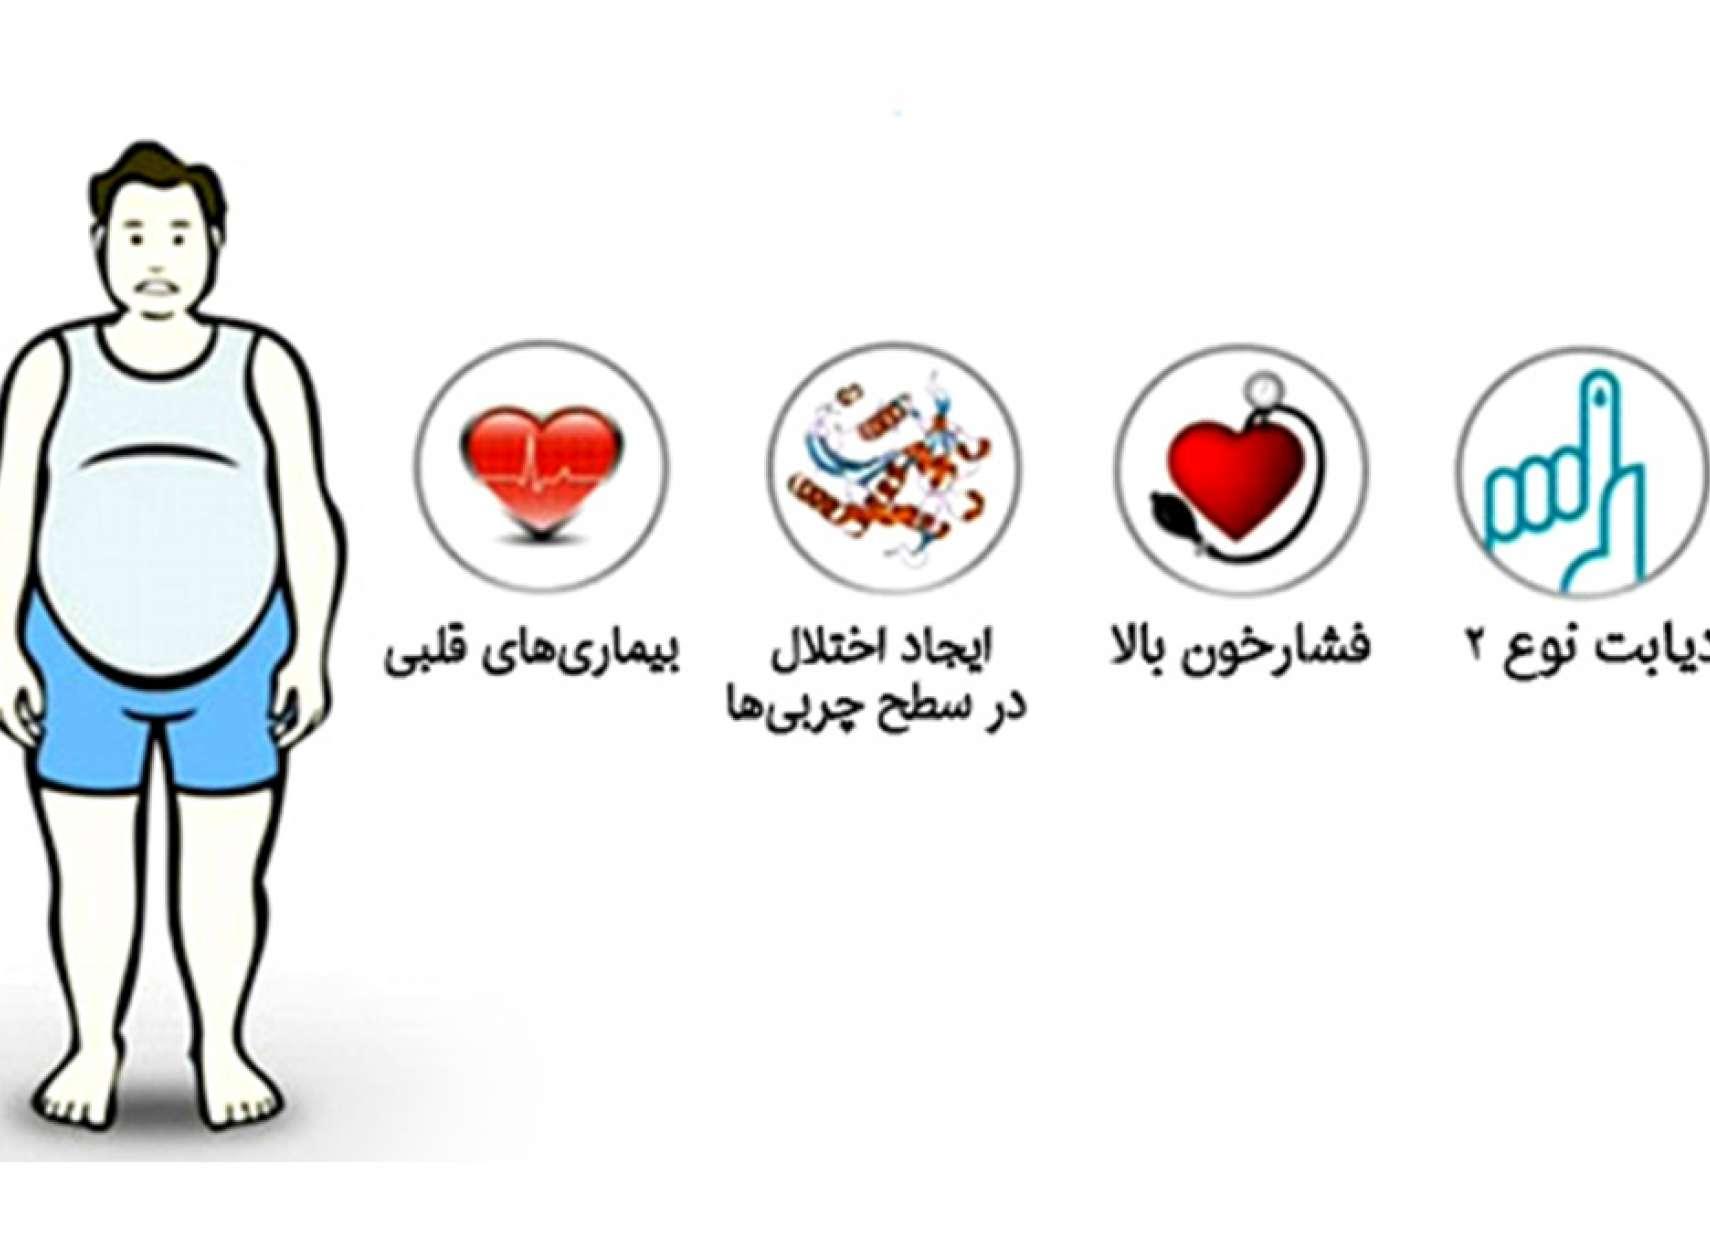 طبیعی-درمانی-کاظمی-سندرم-متابولیک-یا-سندرم-مقاومت-به-انسولین